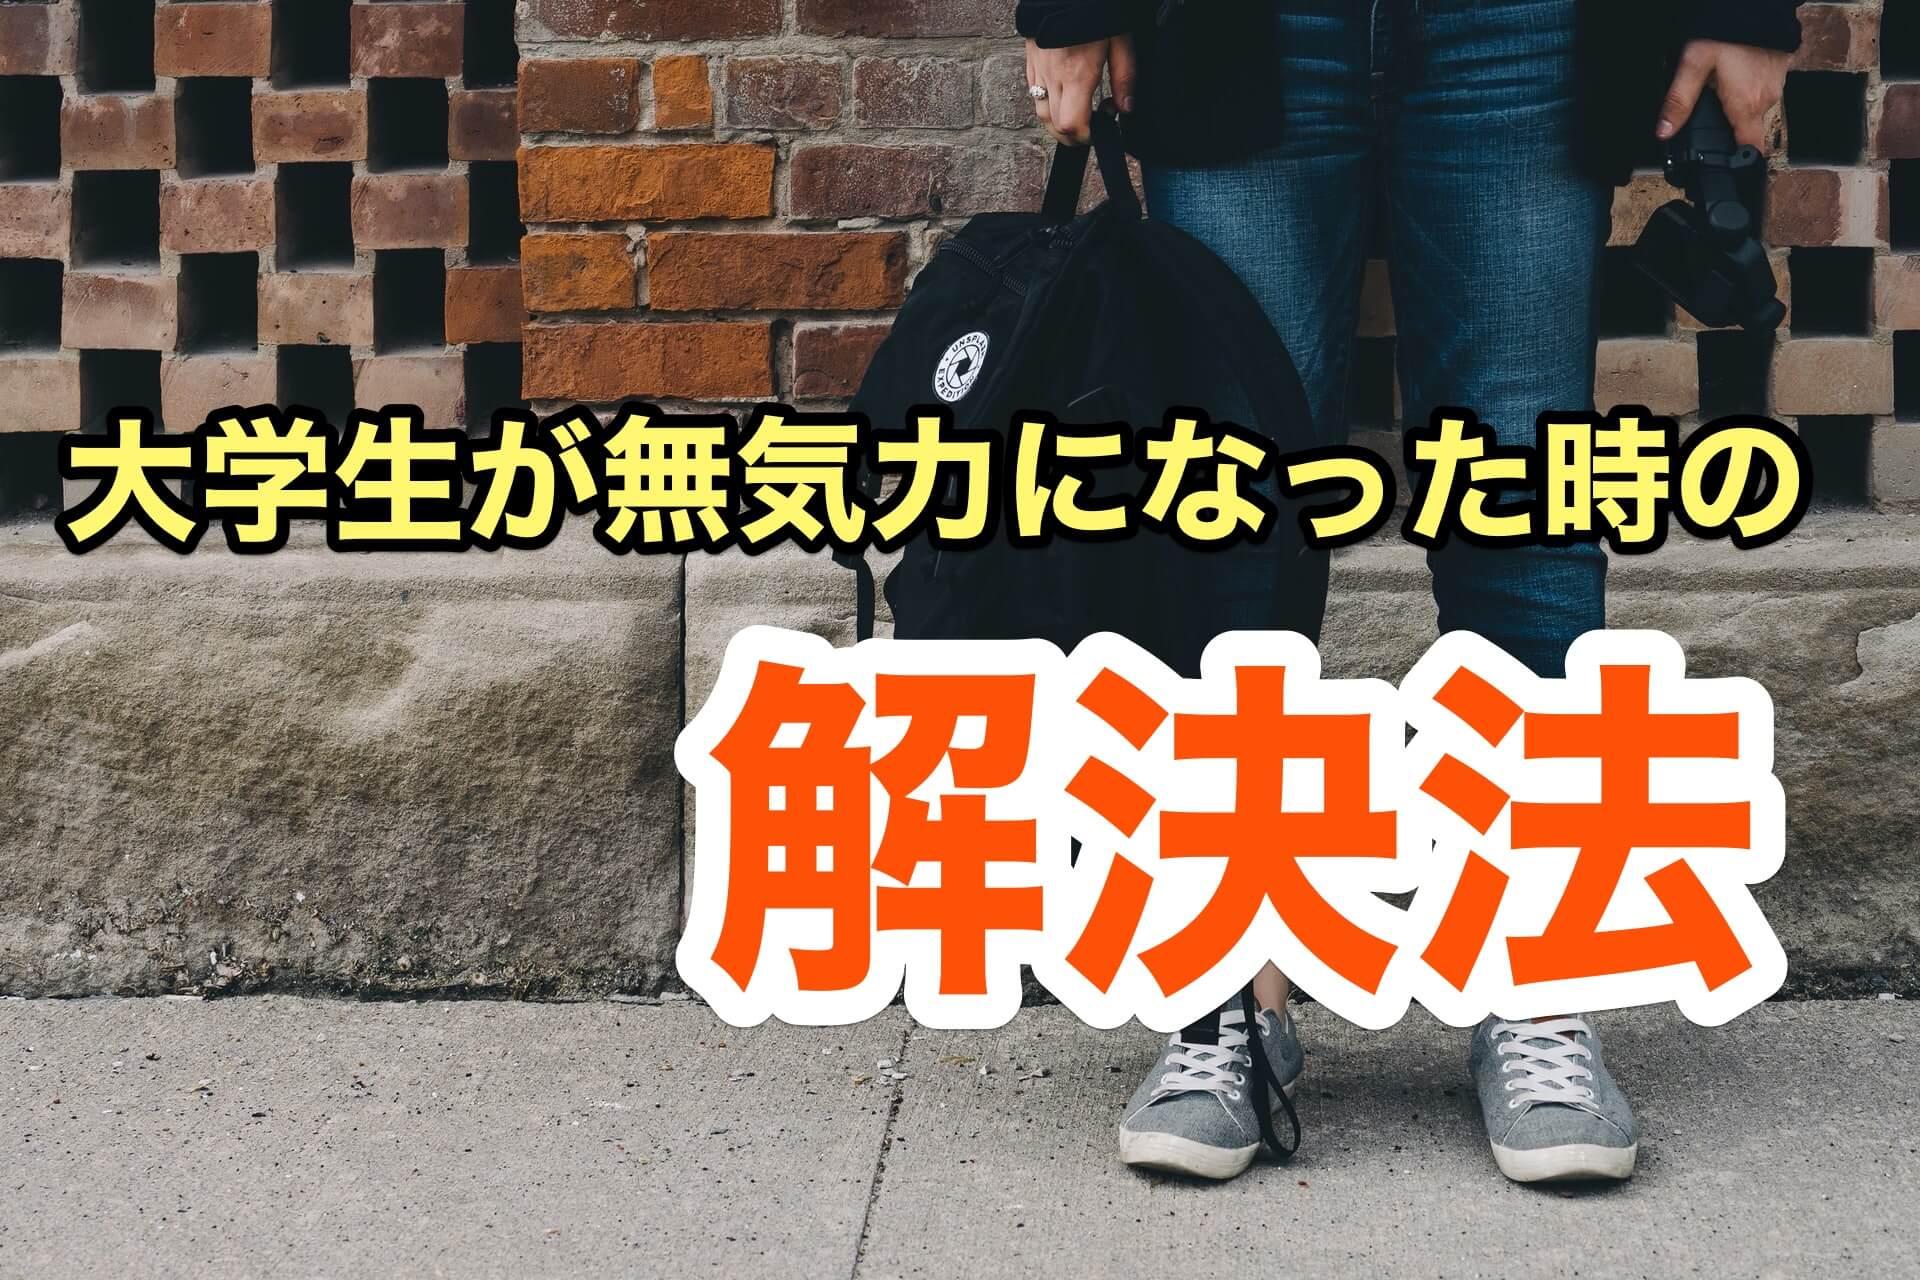 【改善】大学生が無気力になった時の解決法【スチューデント・アパシー】